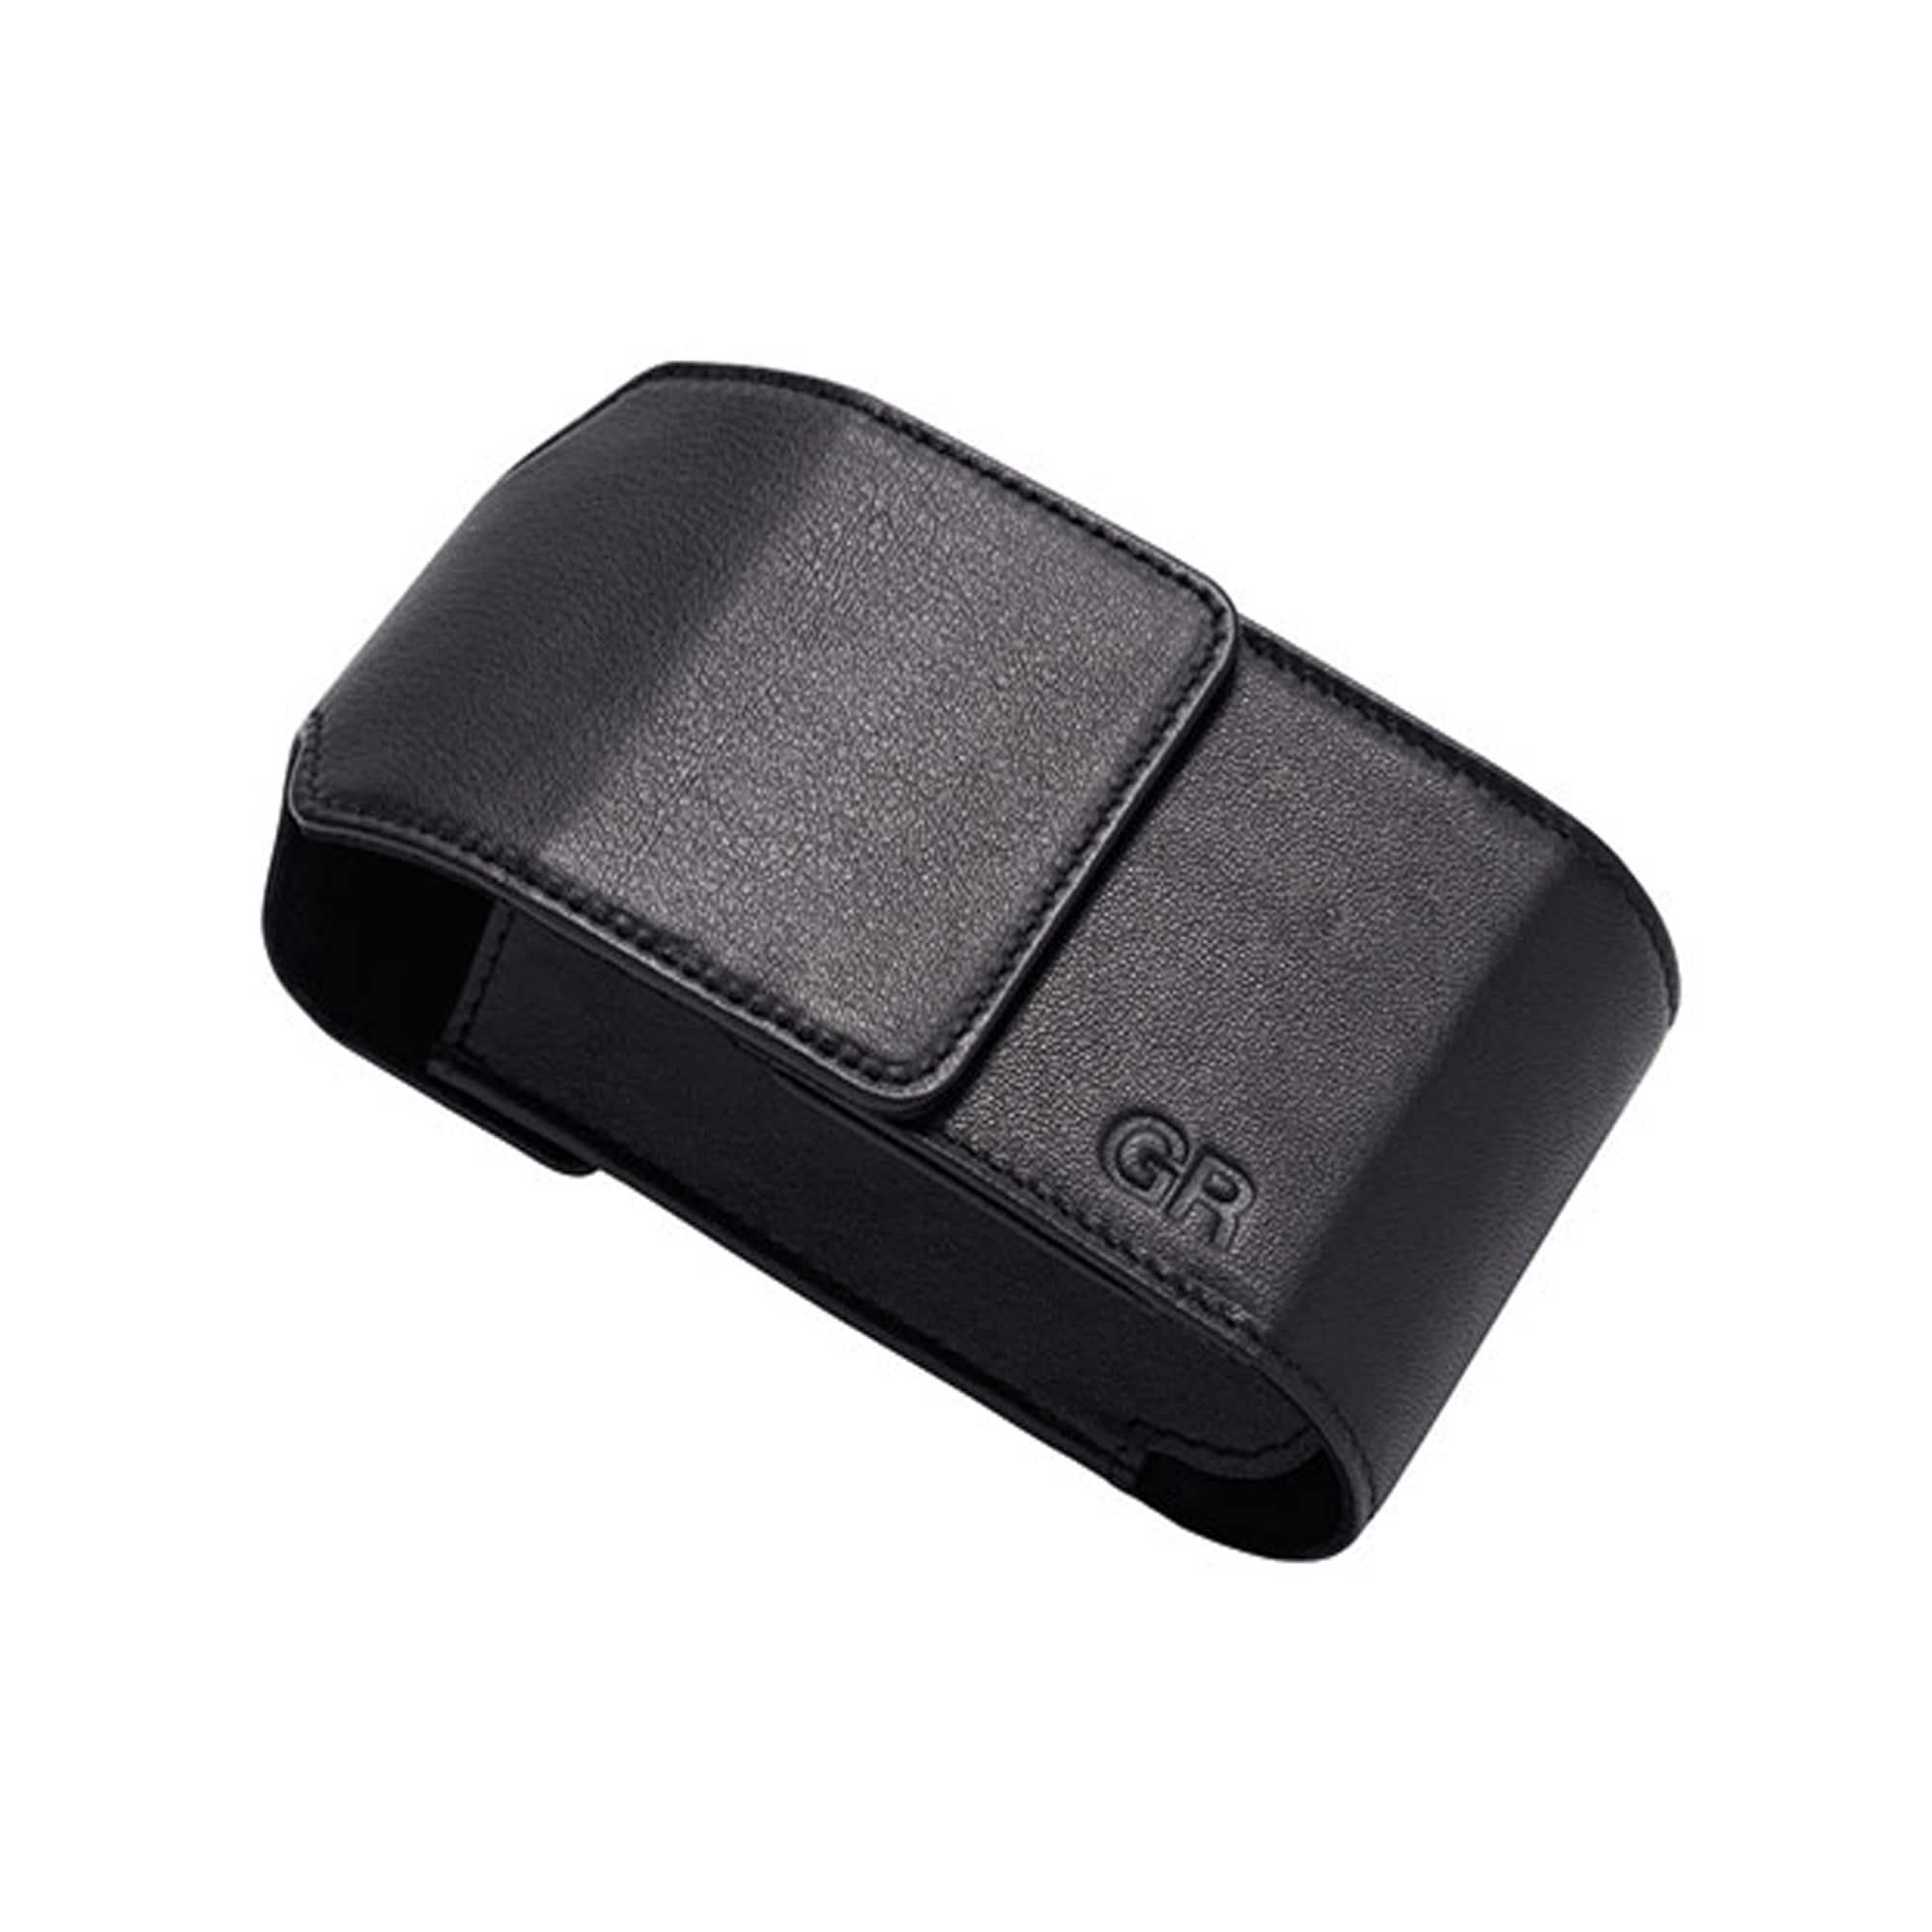 Ricoh GR Leather Case GC-5